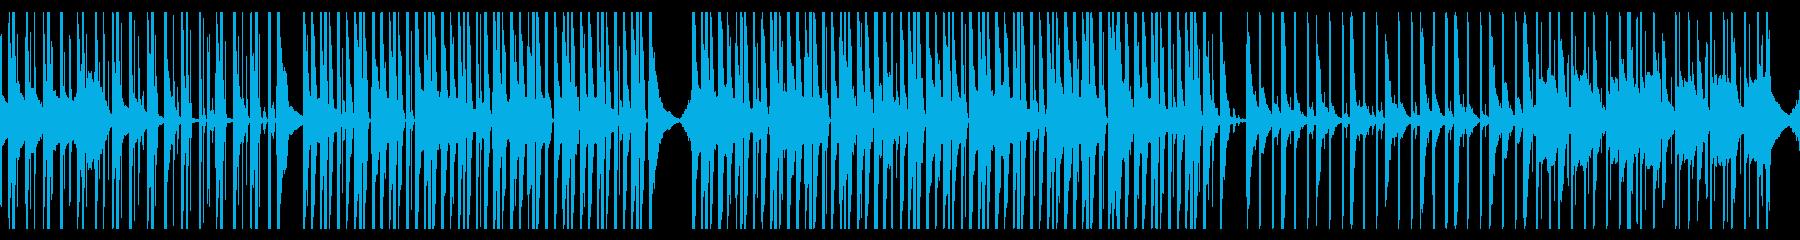 レゲエ スカし 美しい 子ども シ...の再生済みの波形